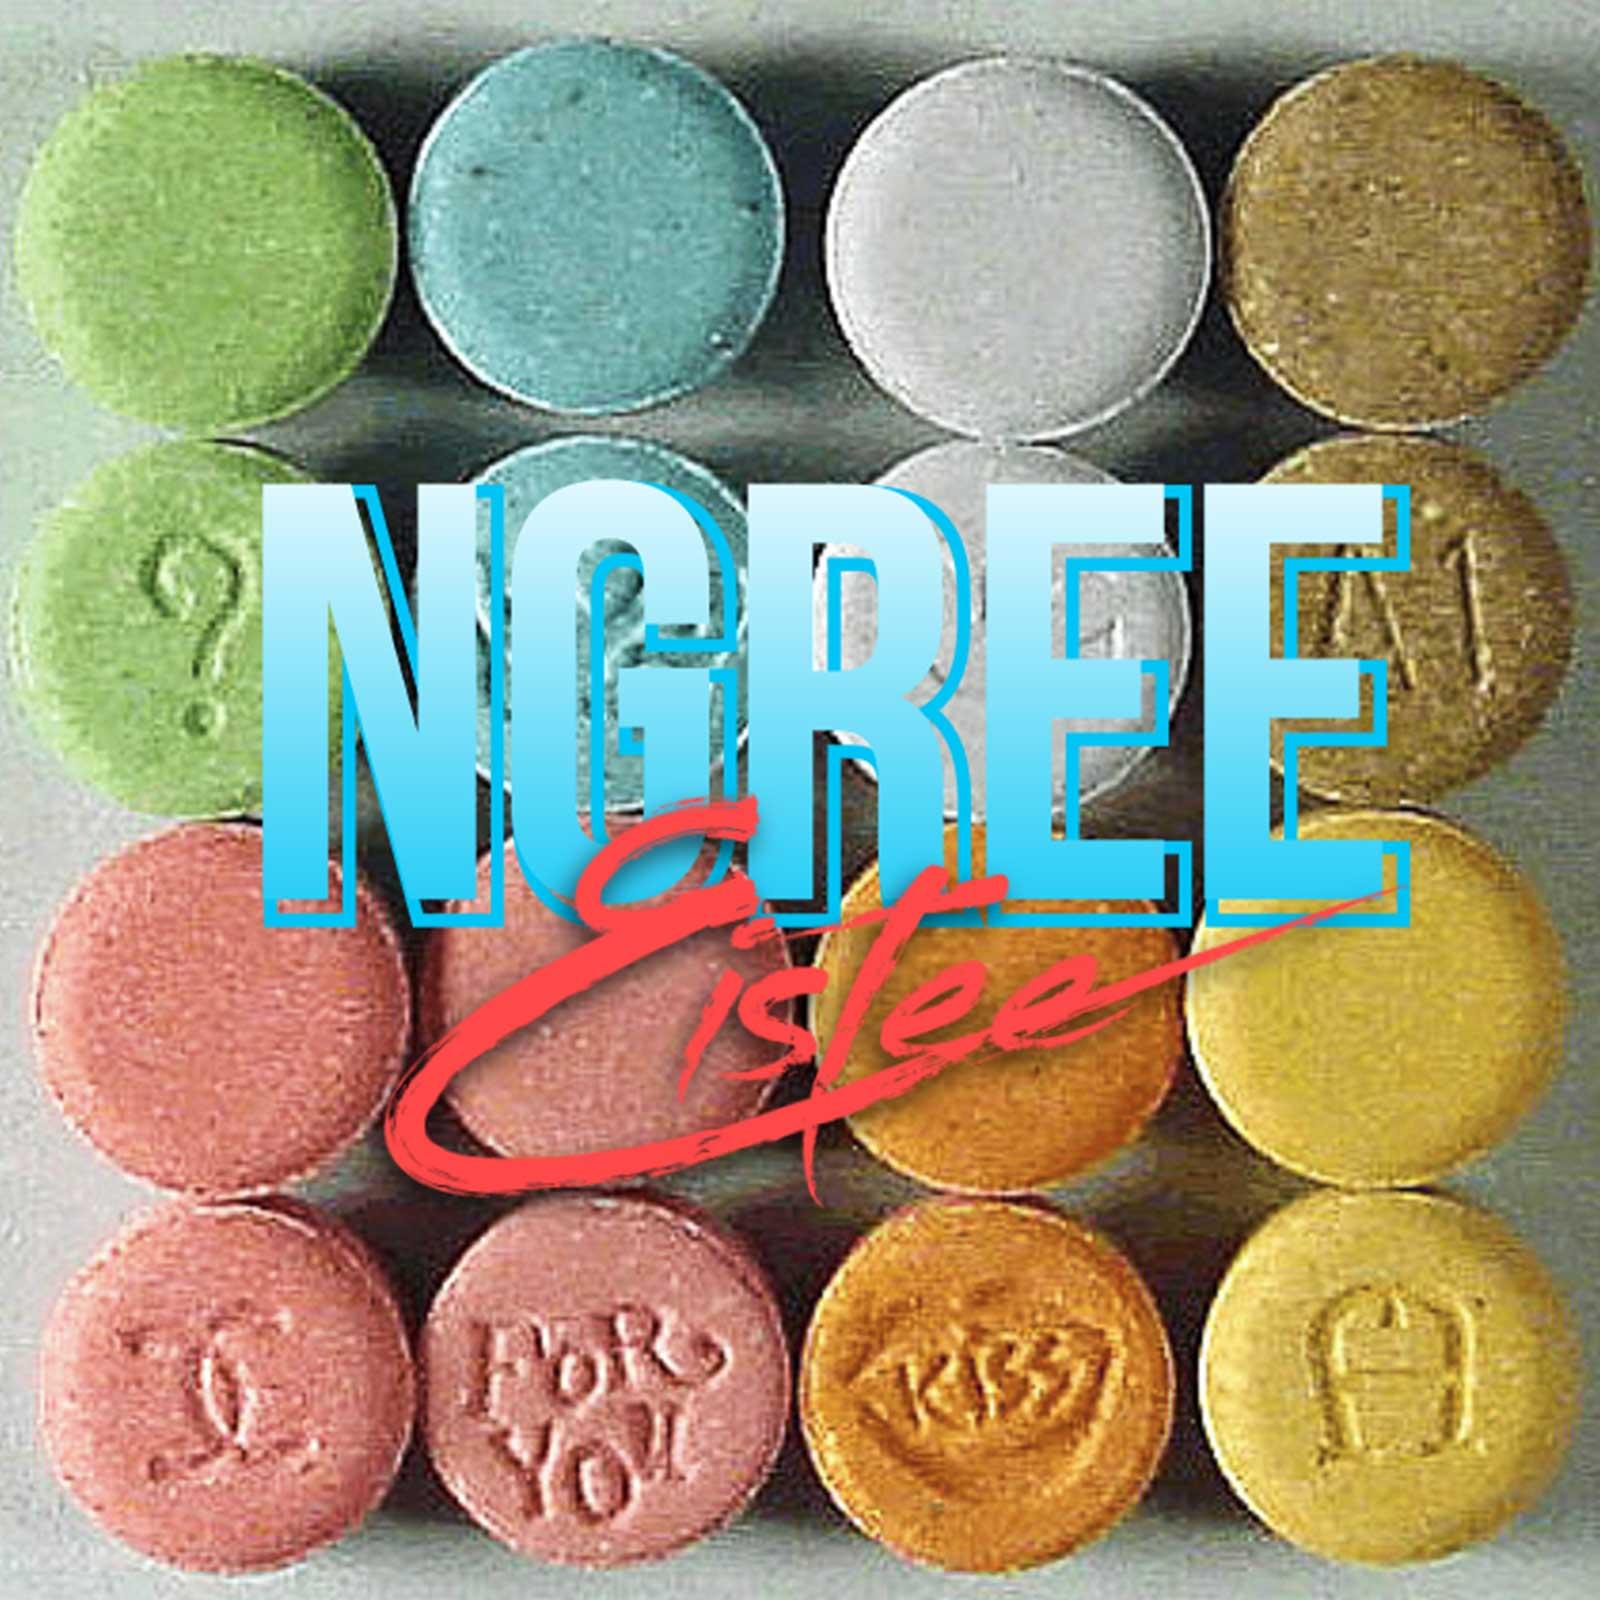 Upcoming: NGREE - Eistee